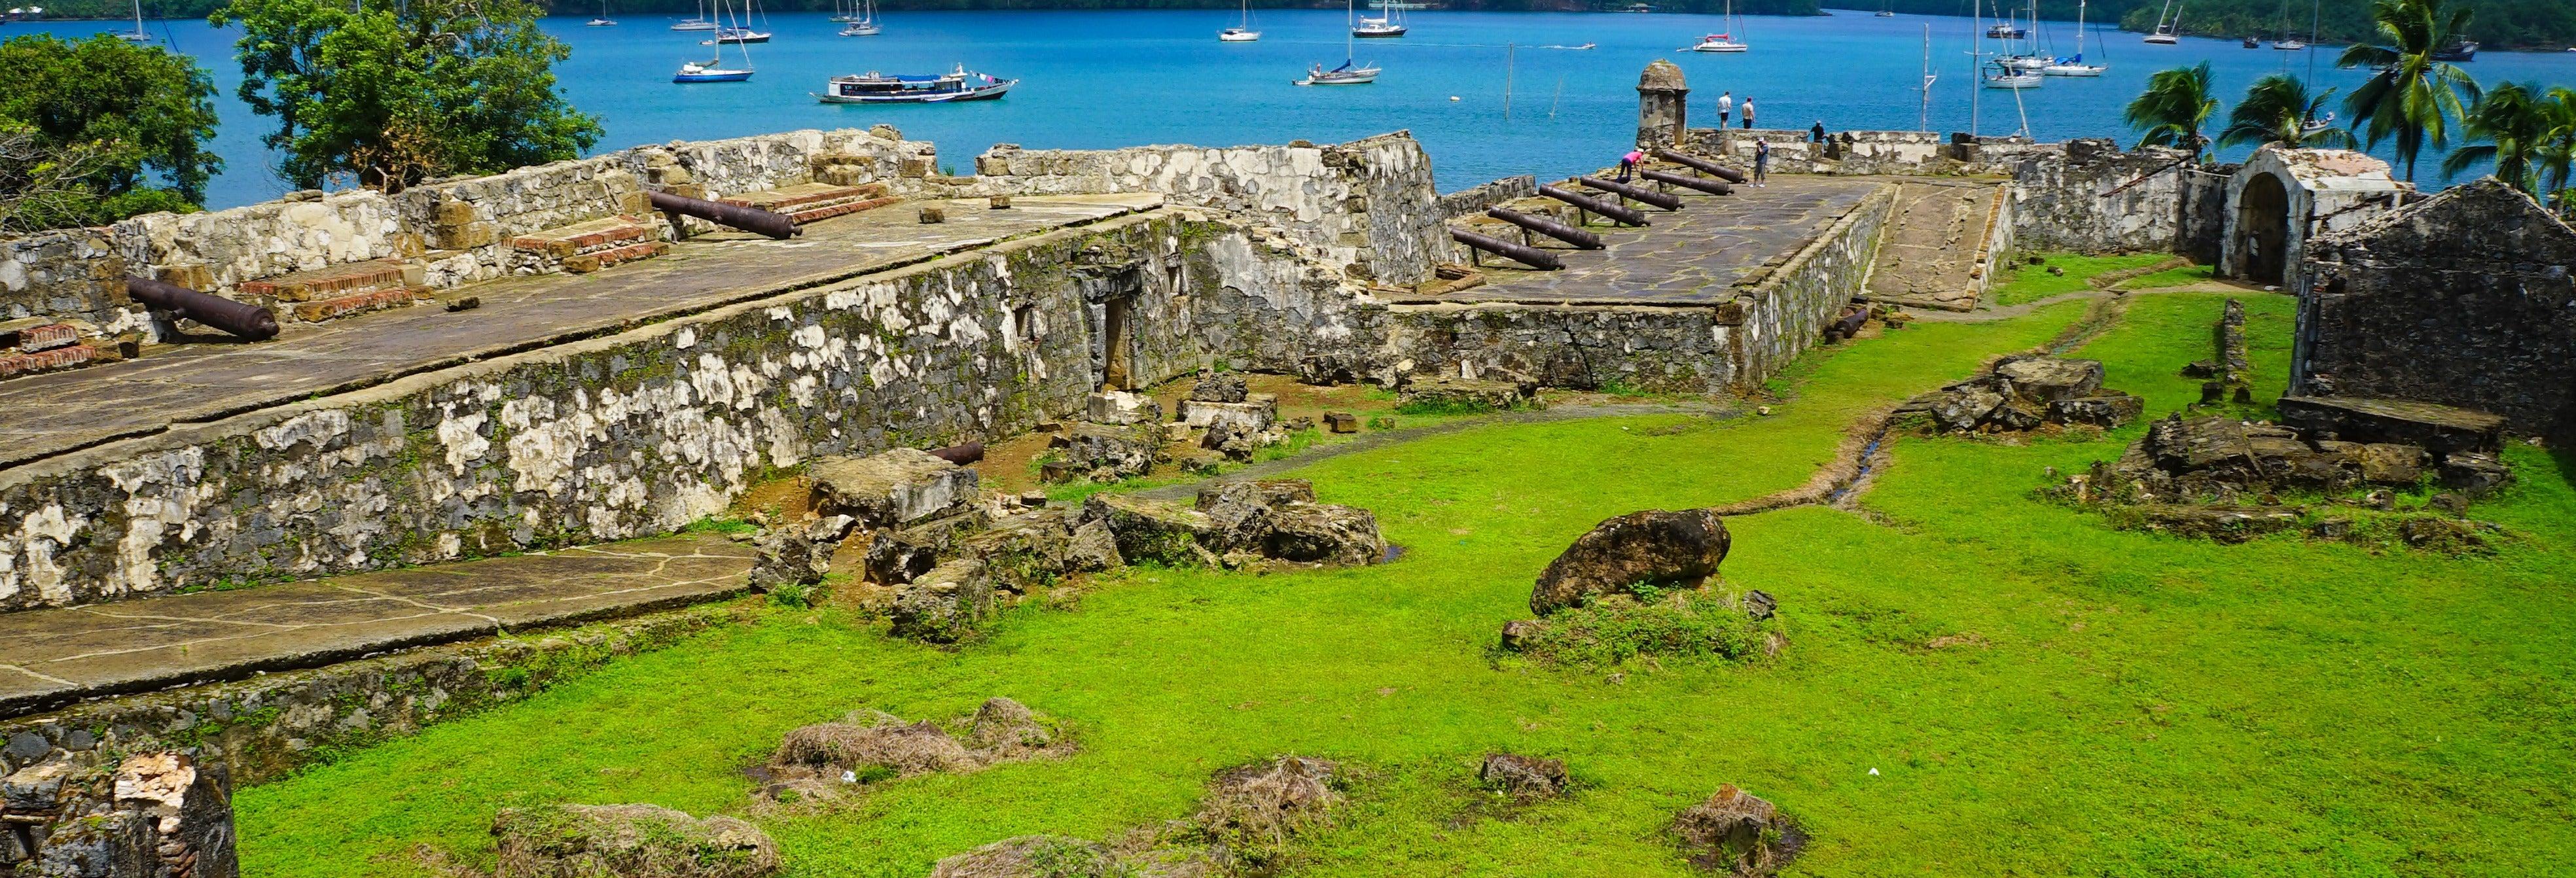 Excursão a Portobelo e eclusas de Agua Clara